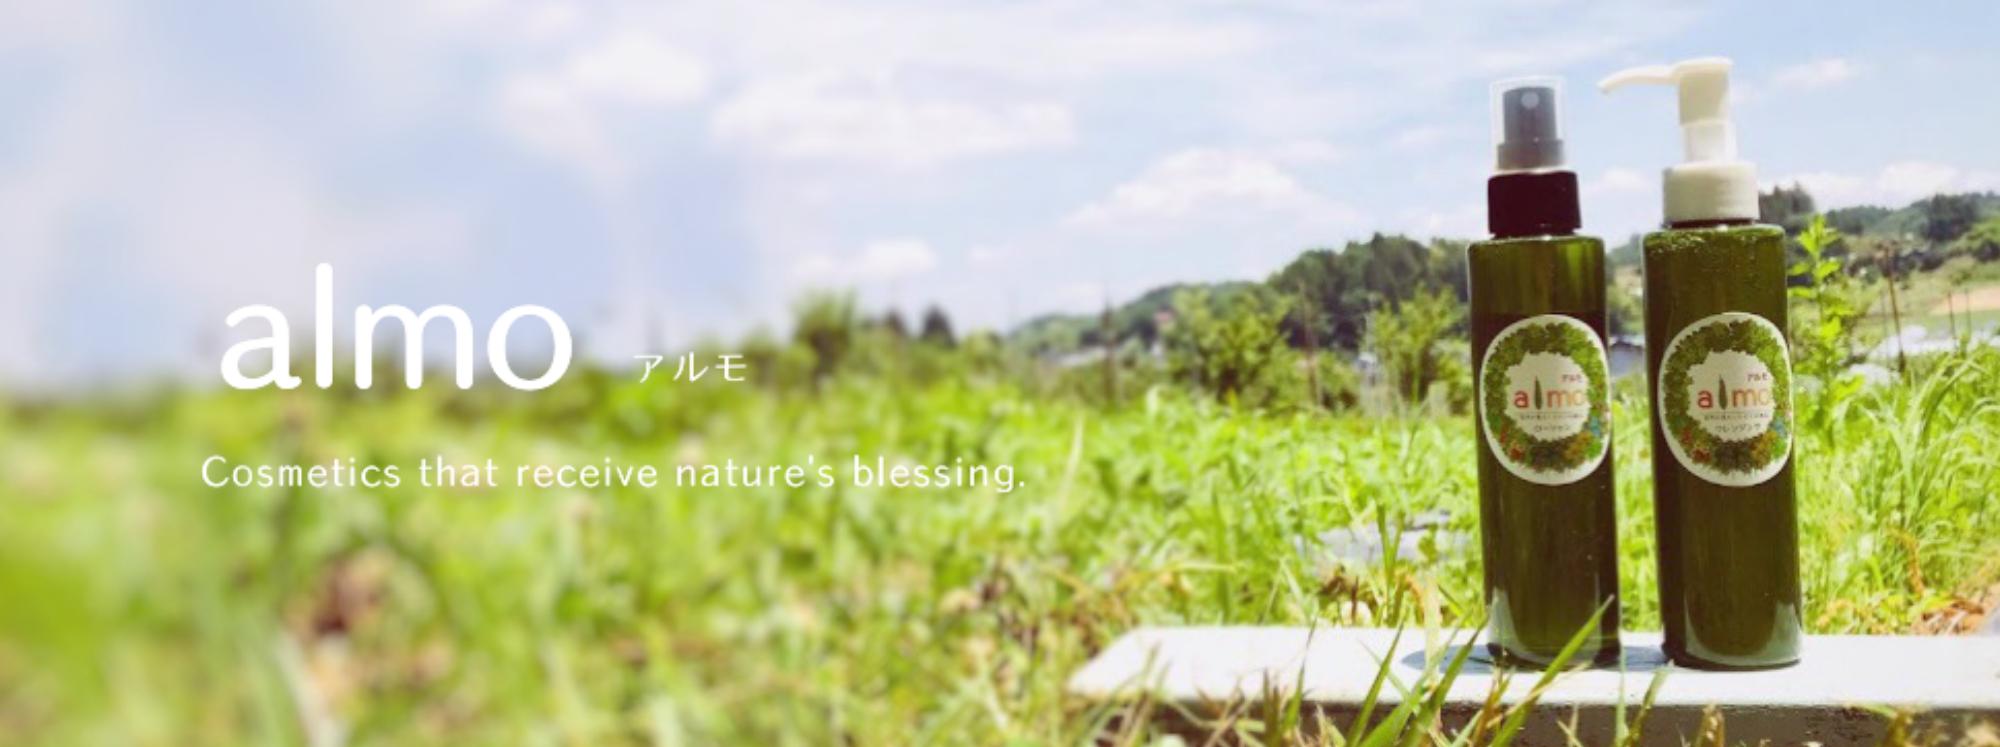 almoアルモ 自然の恵をいただく化粧品